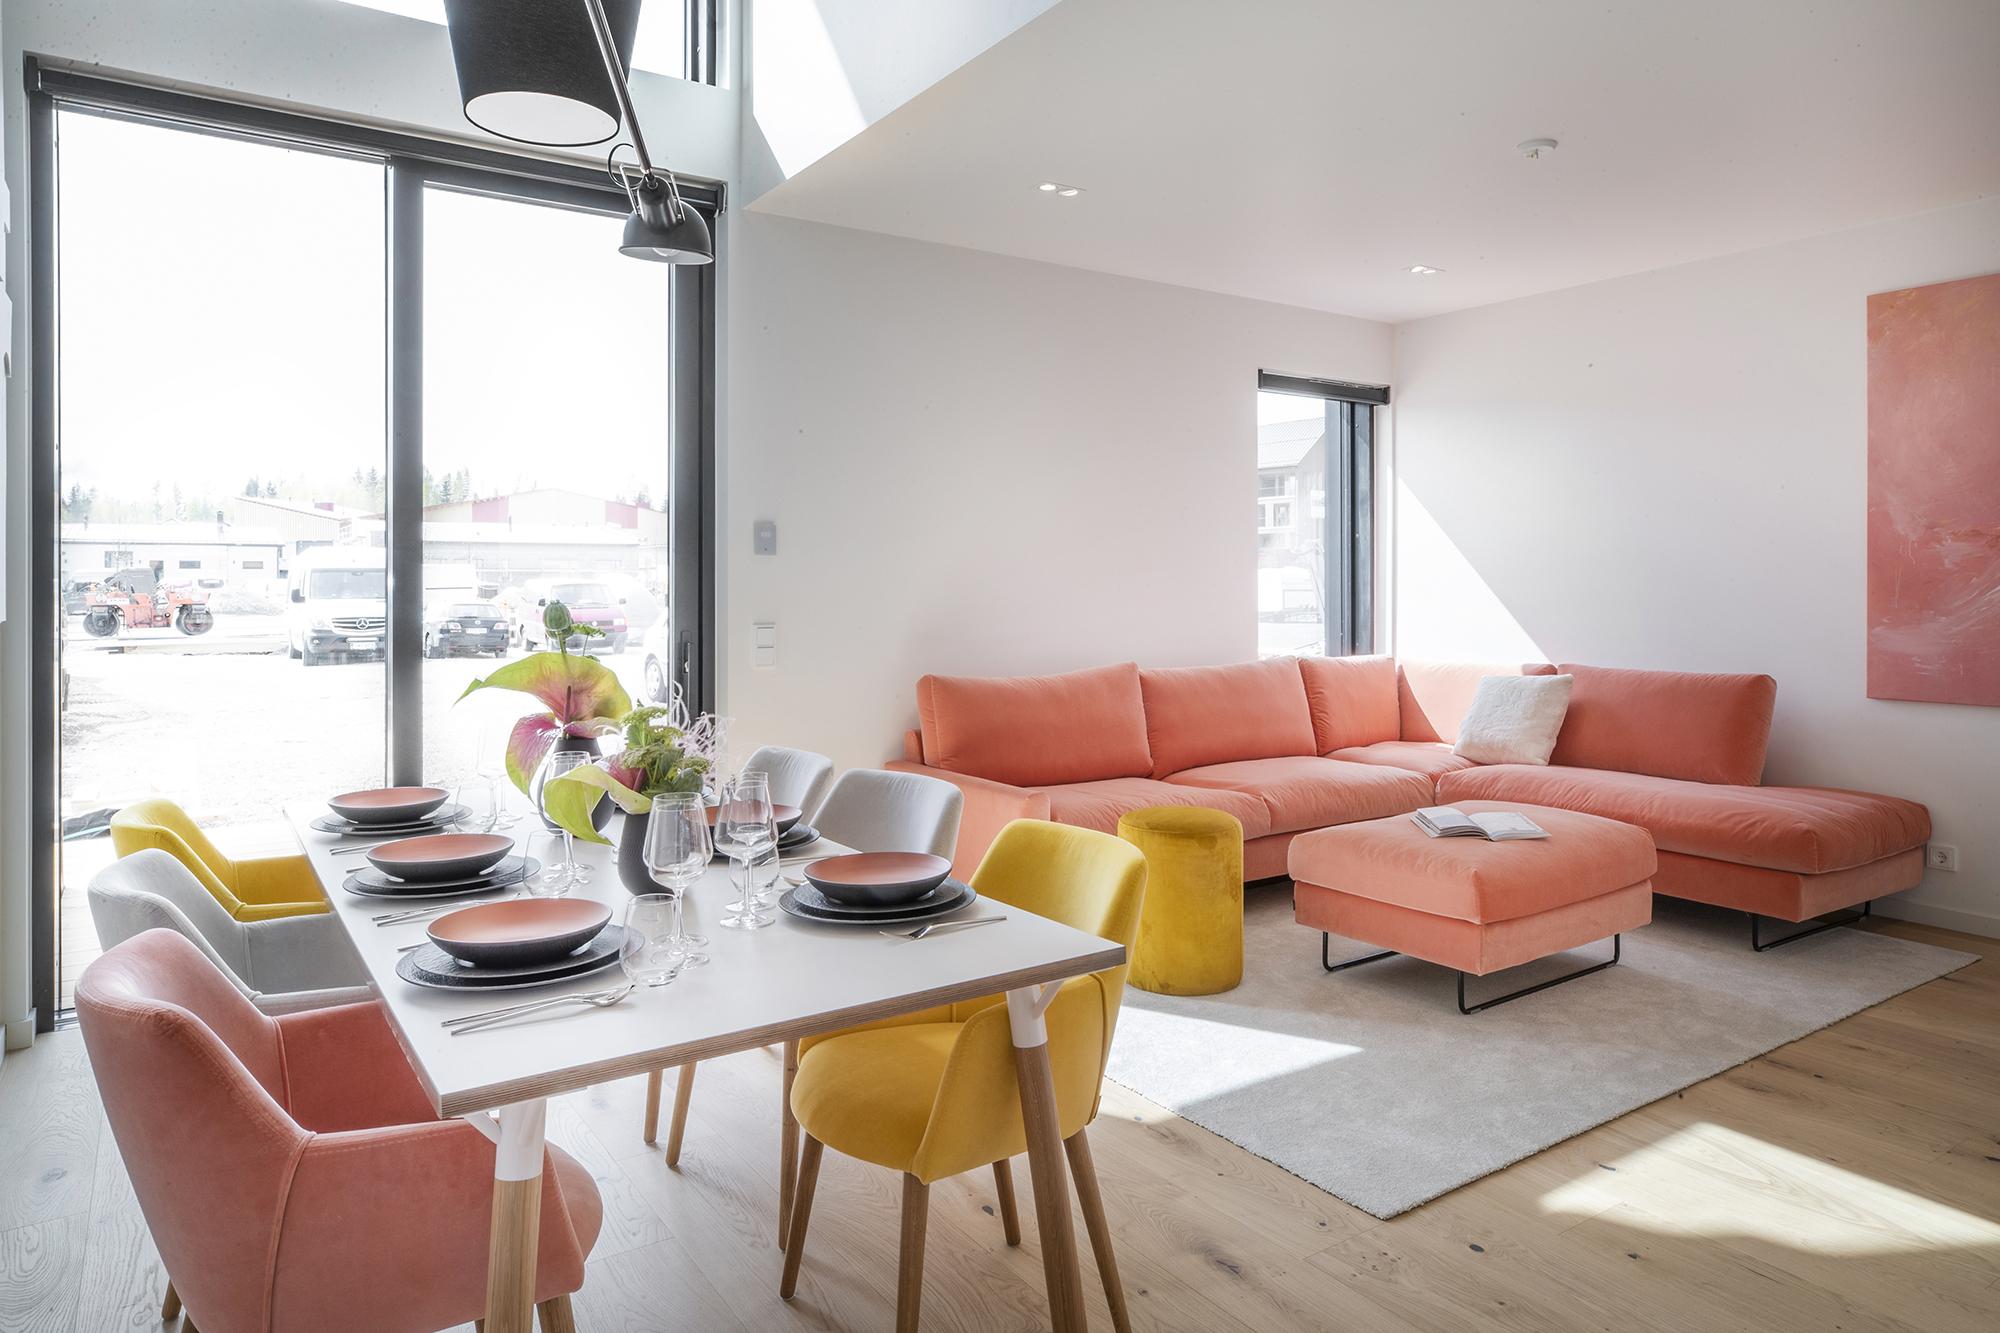 Kuvitus kuva - Virtuaaliset Asuntomessut on avattu – katso upeat kohteet ja sisustuksen uusimmat trendit